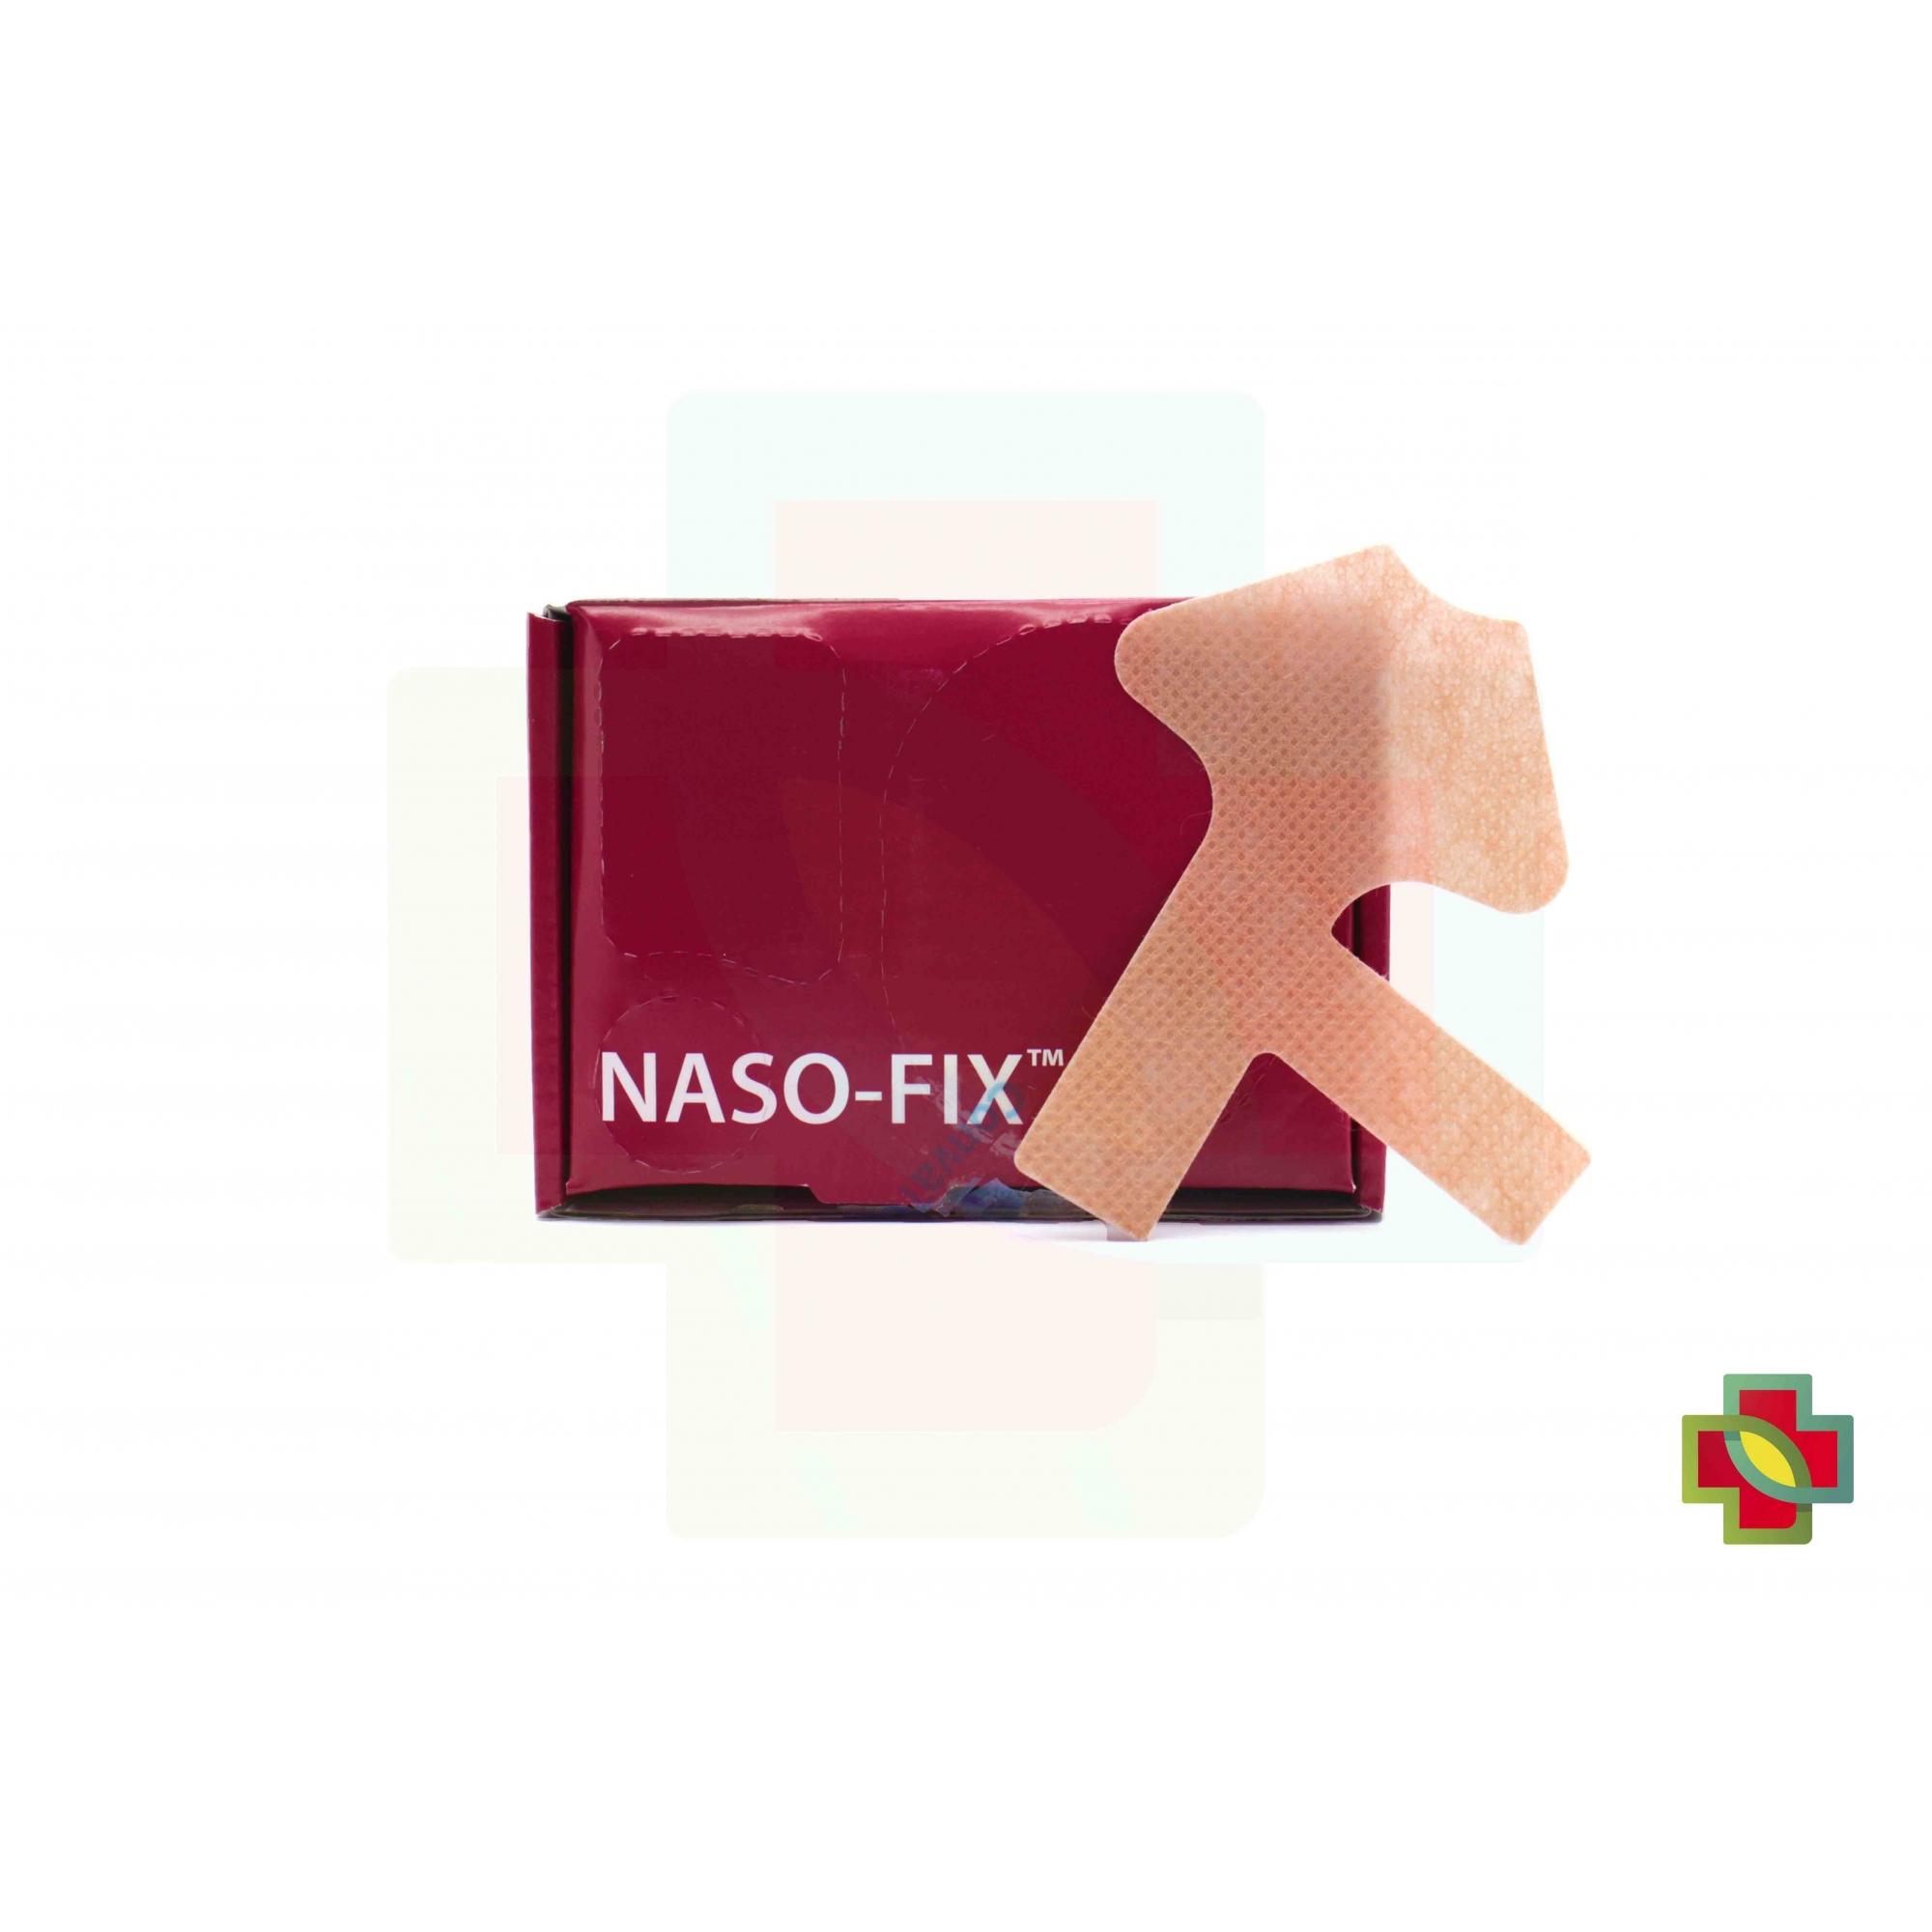 NASO-FIX FIXACAO CATETER NASAL G BR10269 - CONVATEC